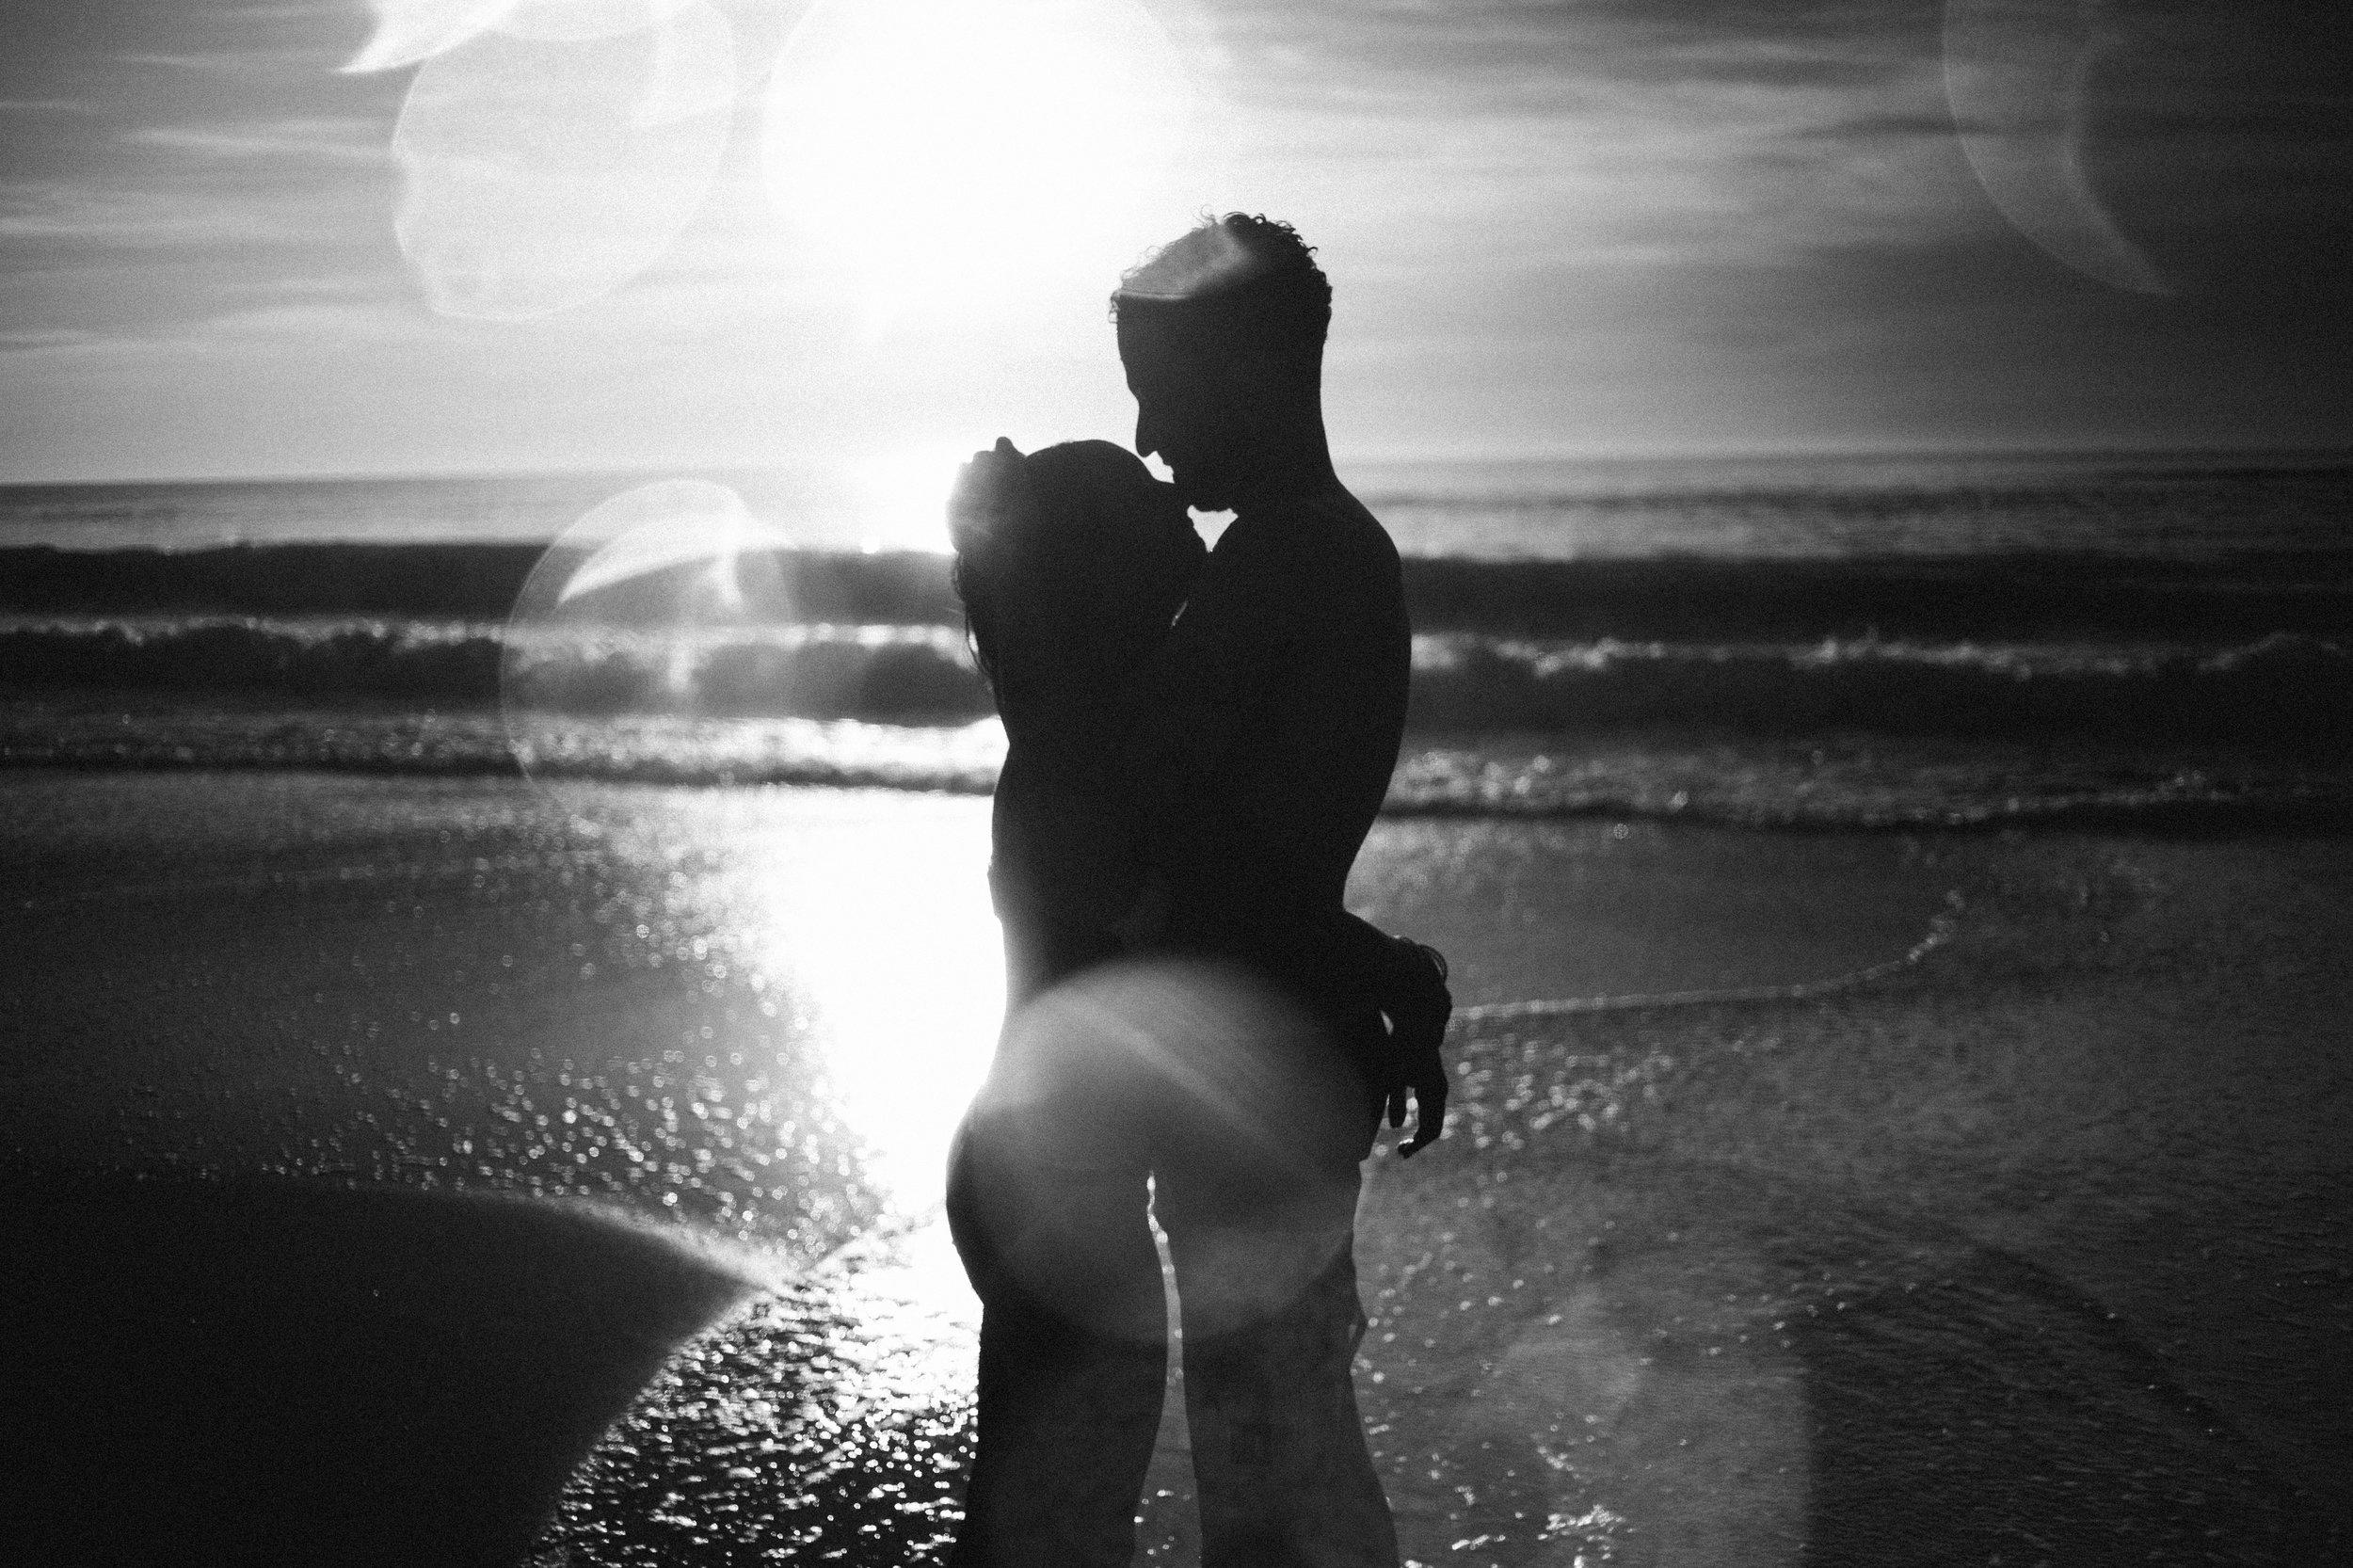 Photographe-aquatique-freedive-couple-argentique-celine-hamelin39.jpg